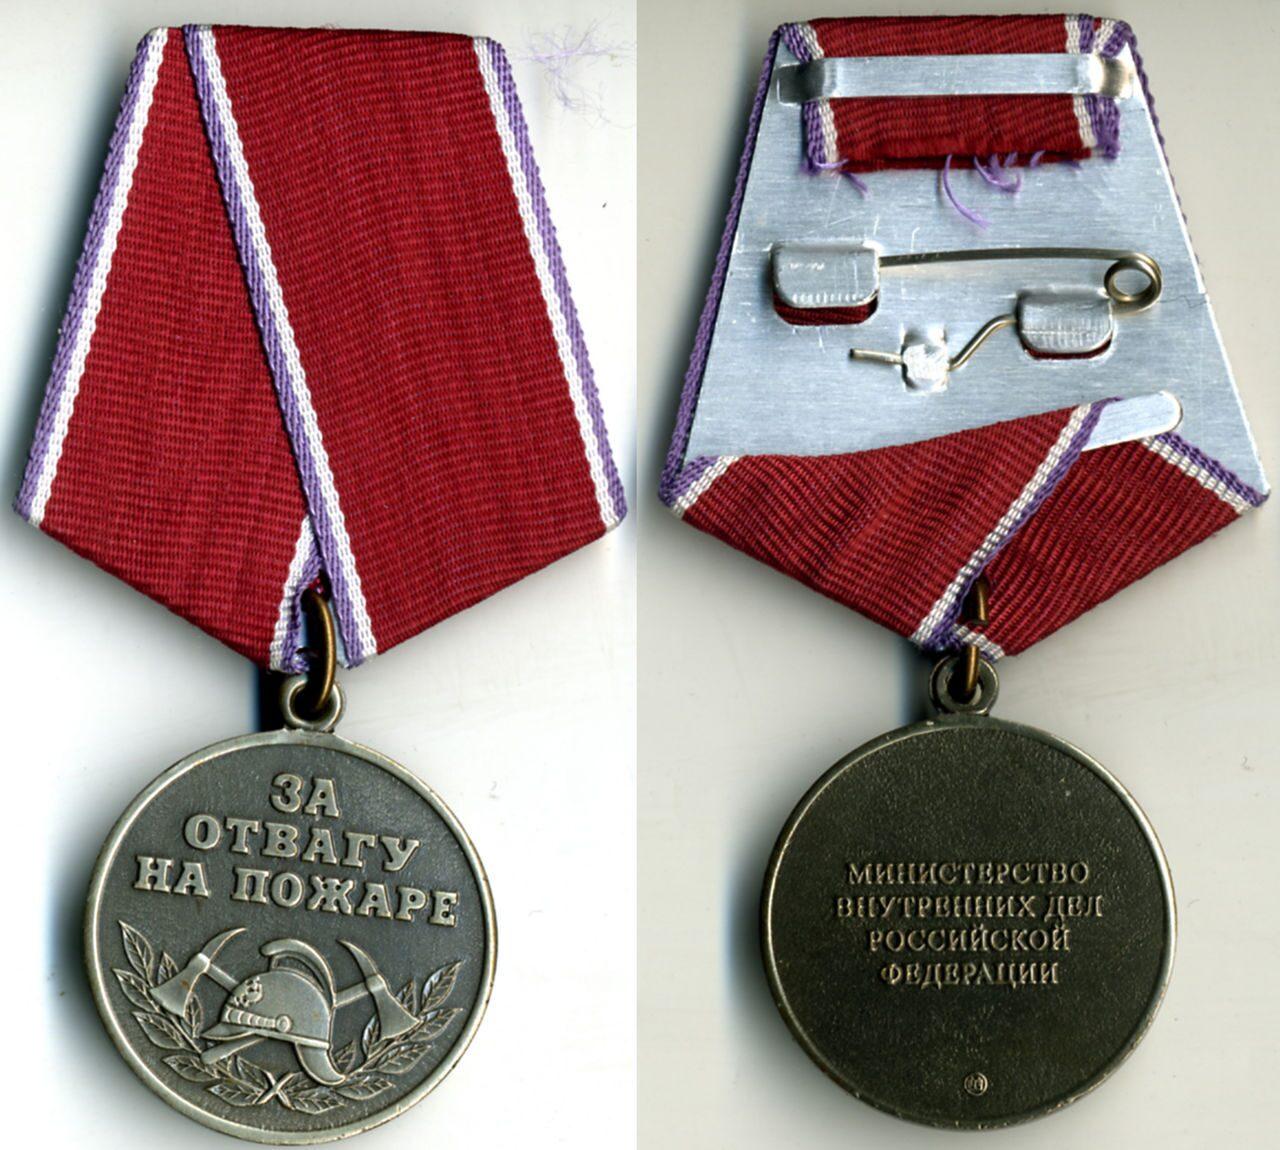 Льготы за медаль за отвагу Почему это